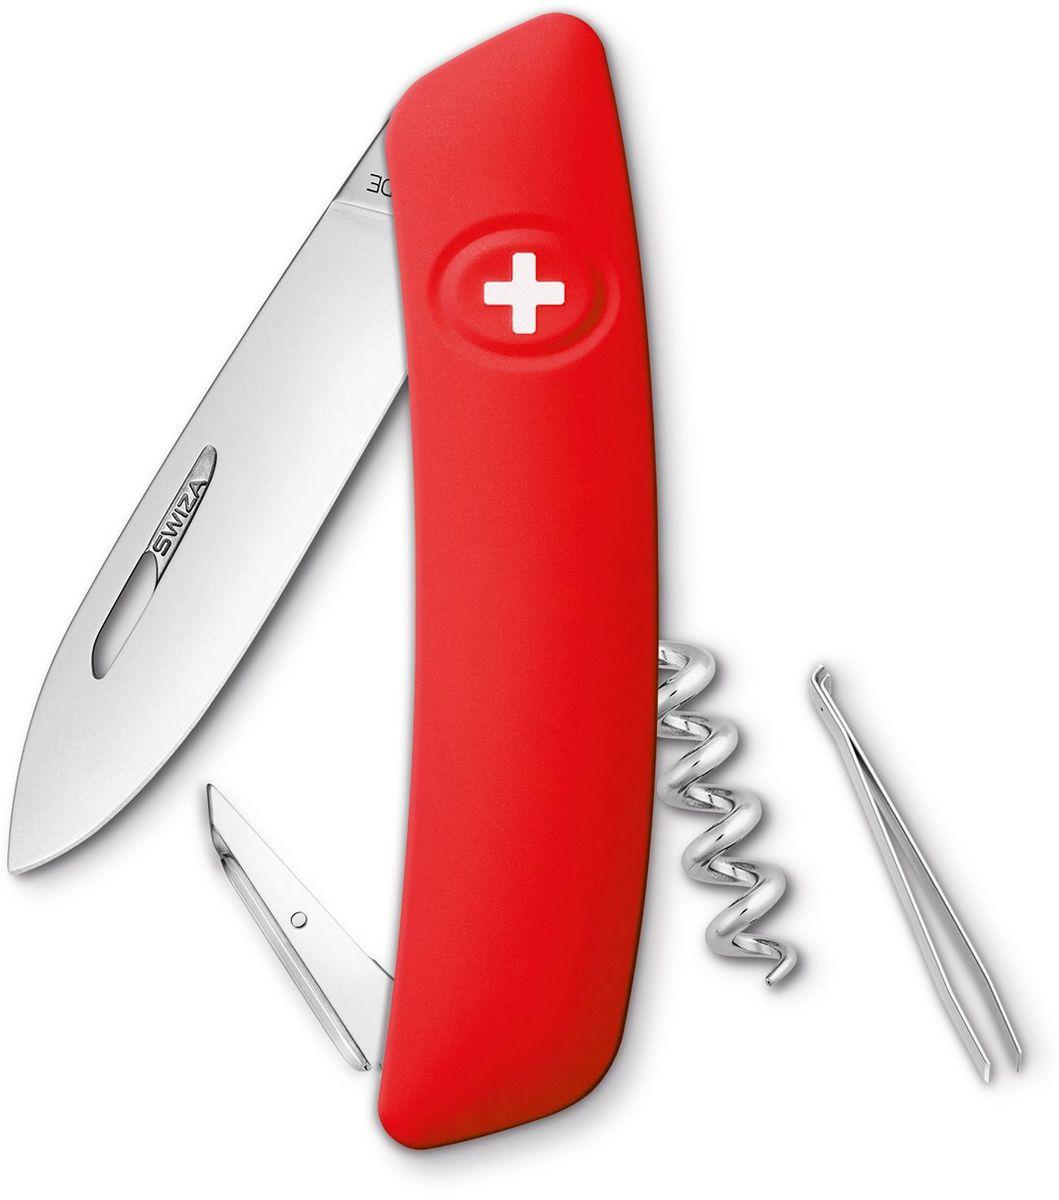 """Нож швейцарский SWIZA """"D01"""", цвет: красный, длина клинка 7,5 см KNI.0010.1000"""